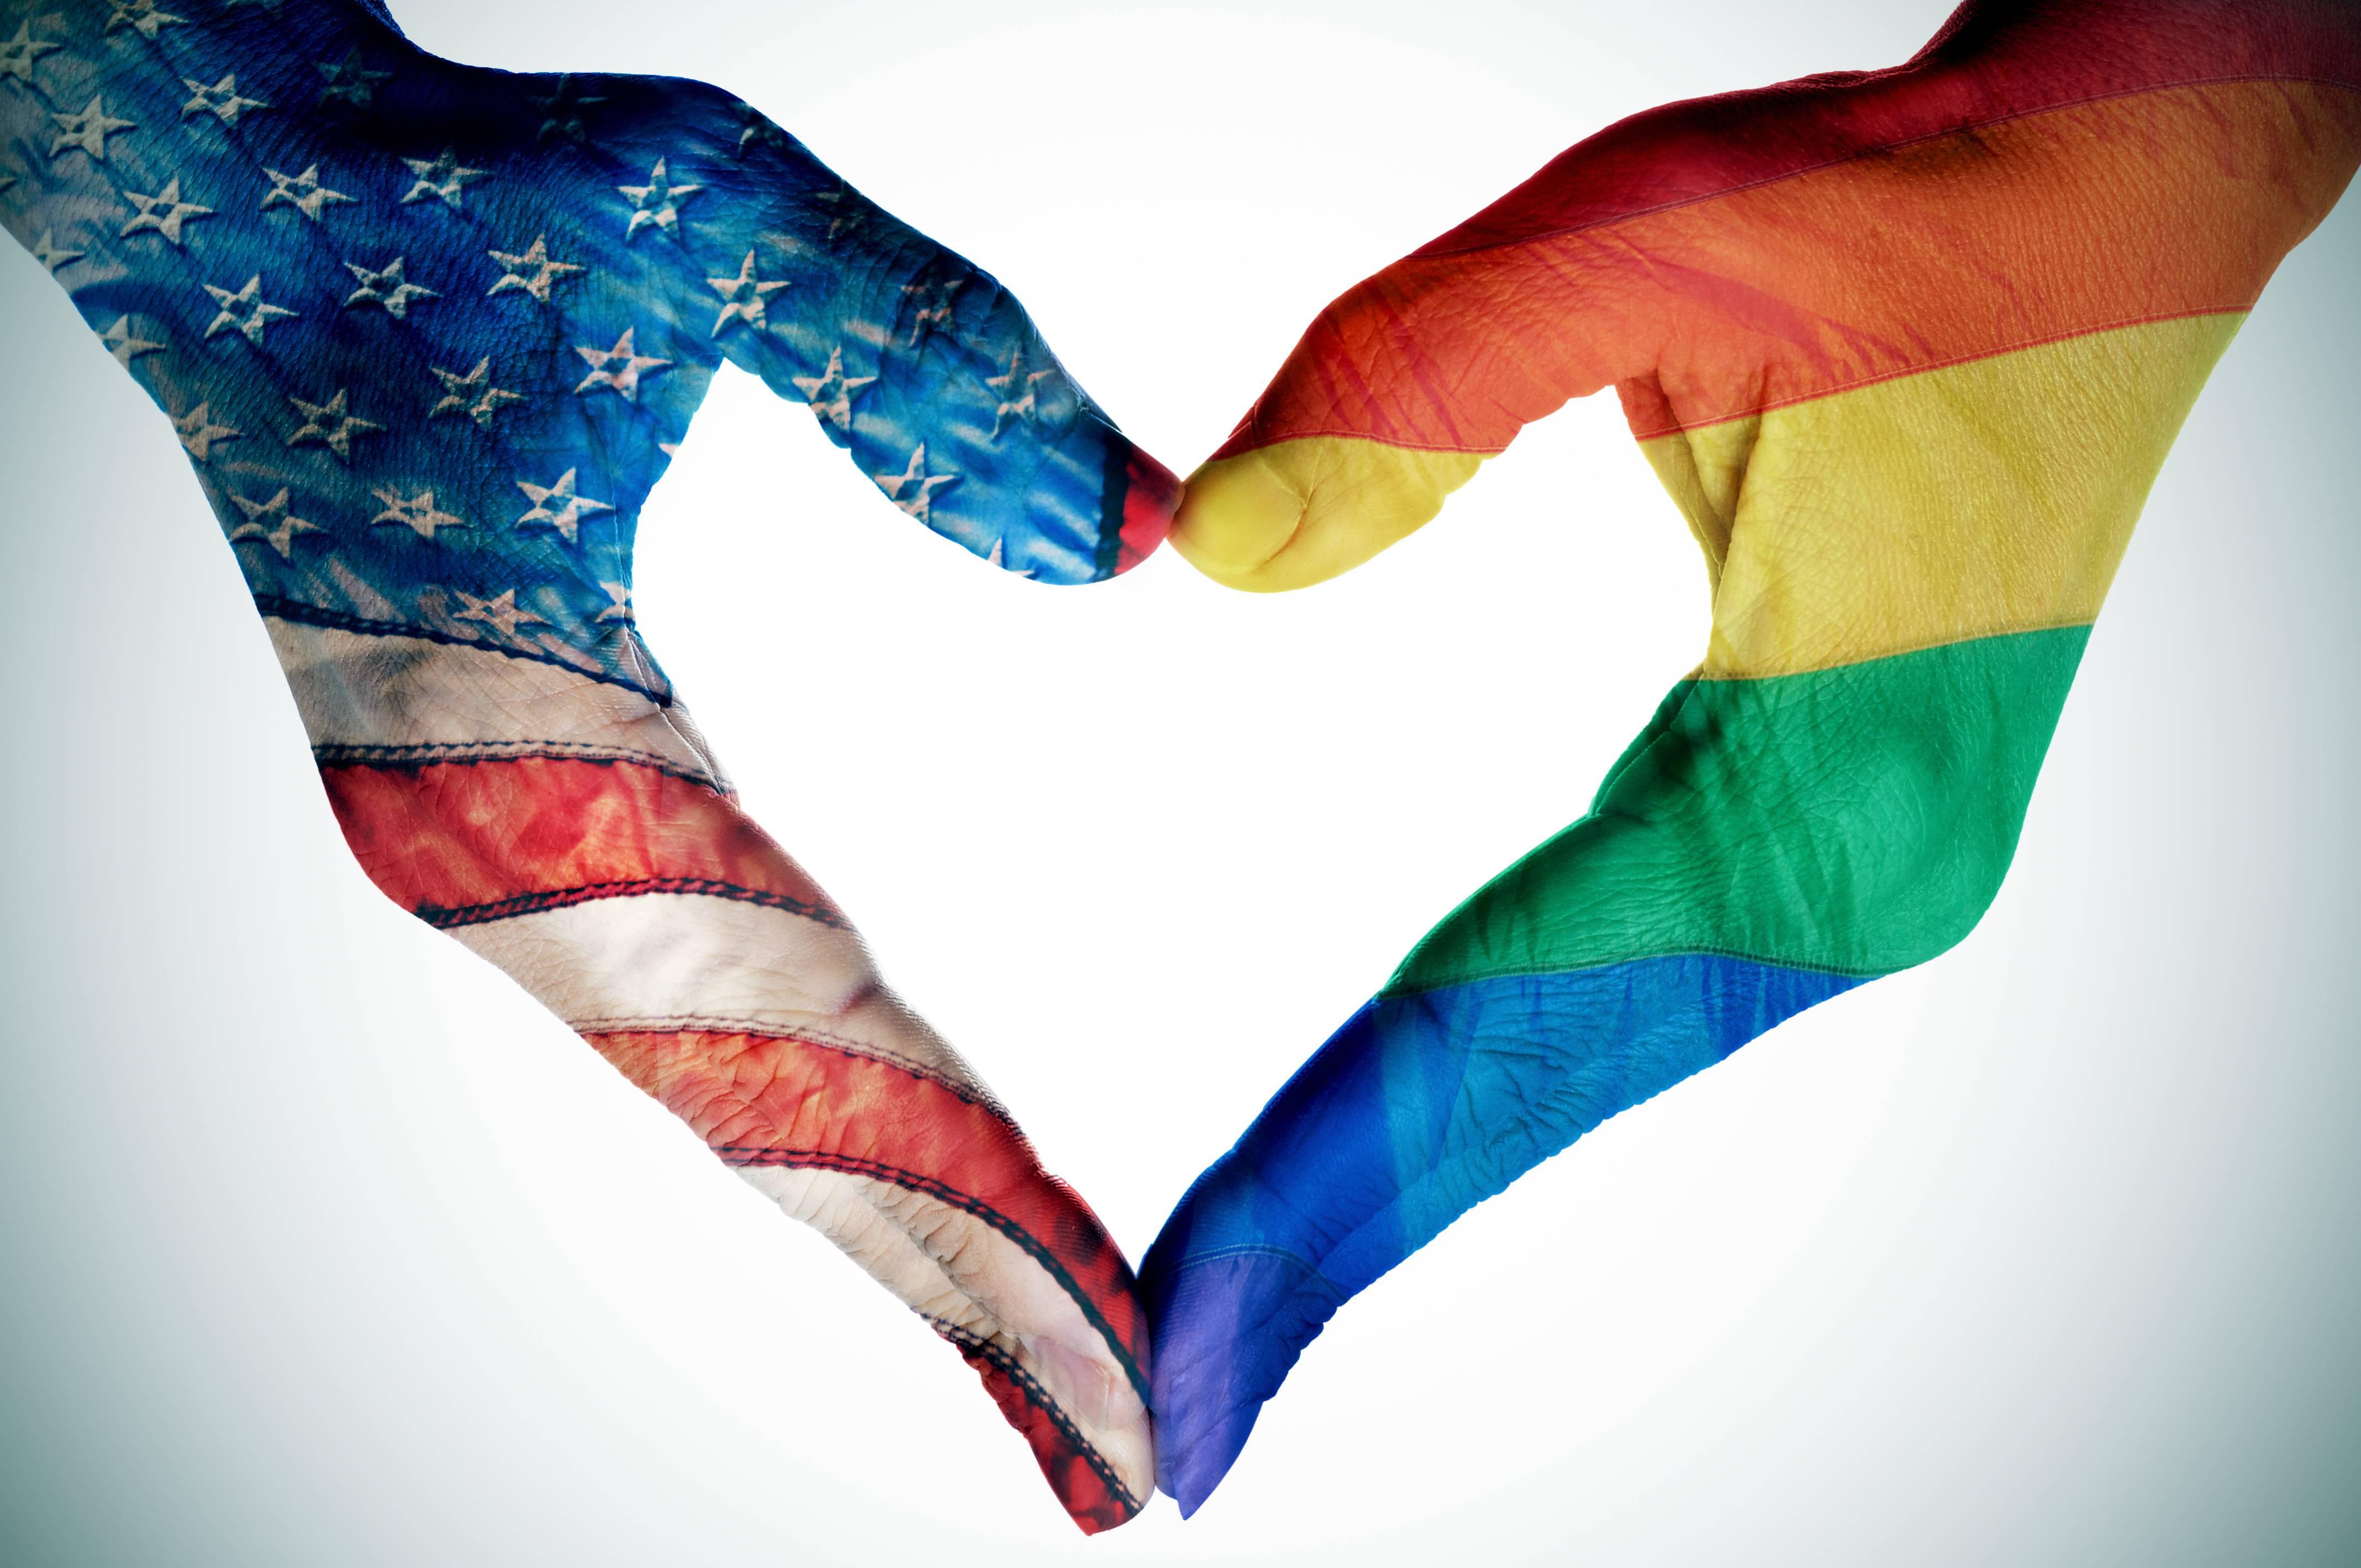 Где разрешены однополые браки: список стран, в которых легализованы